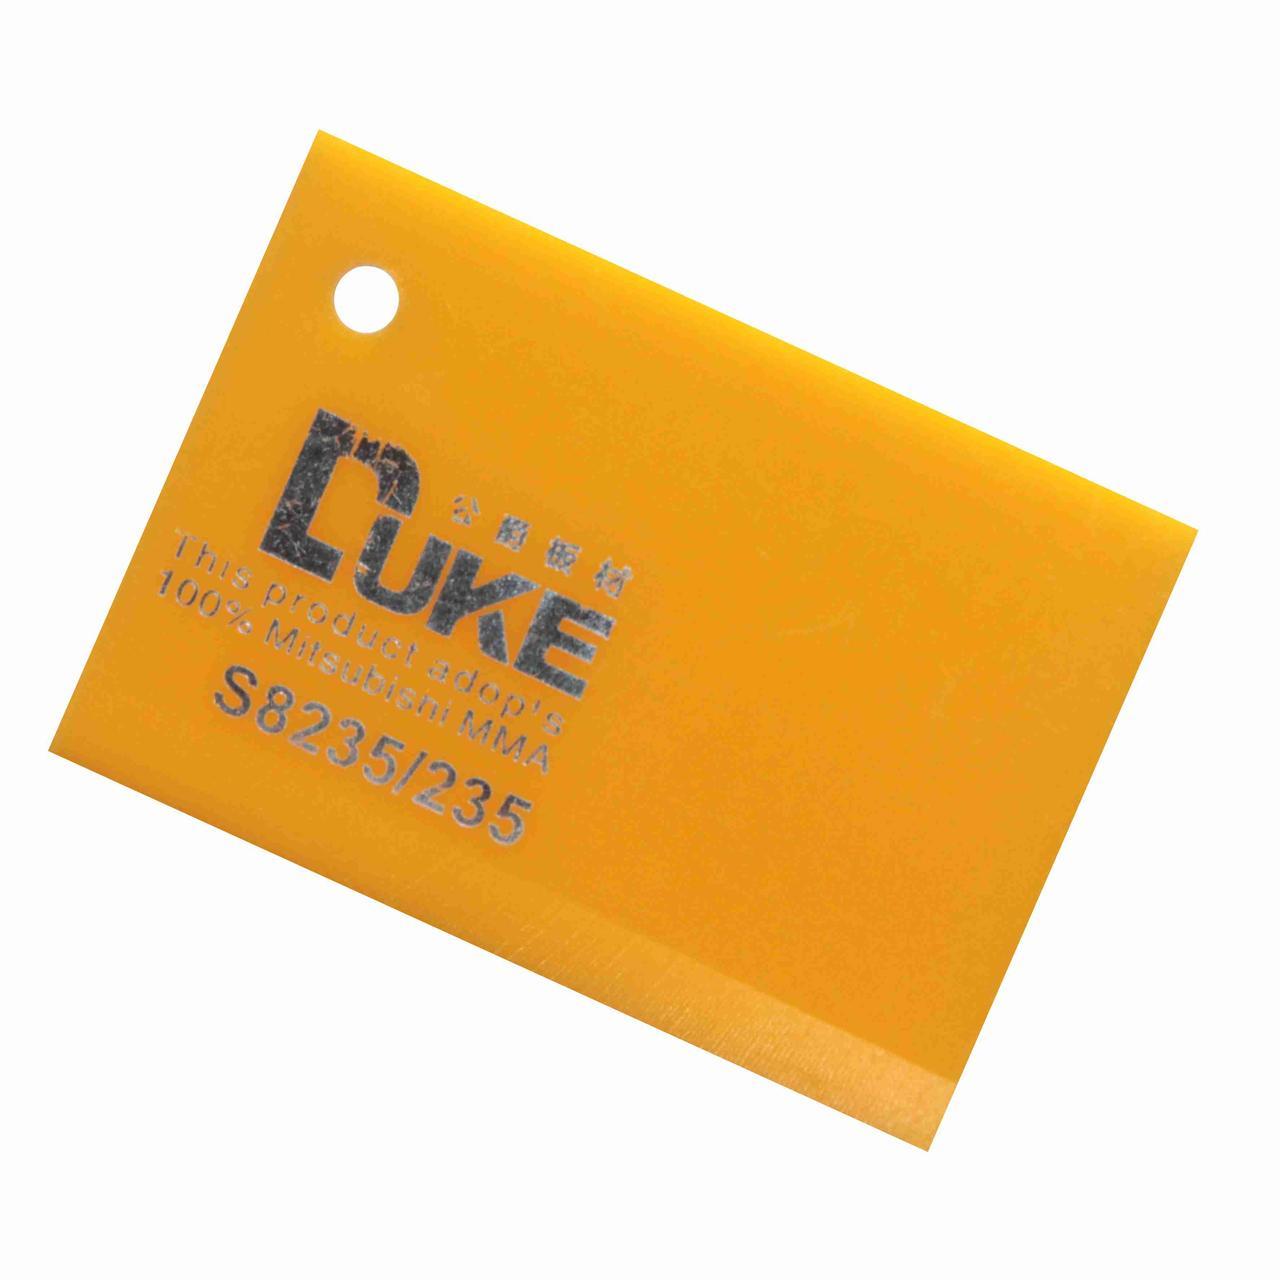 Акрил желтый №8235 (3мм) 1,22мХ2,44м